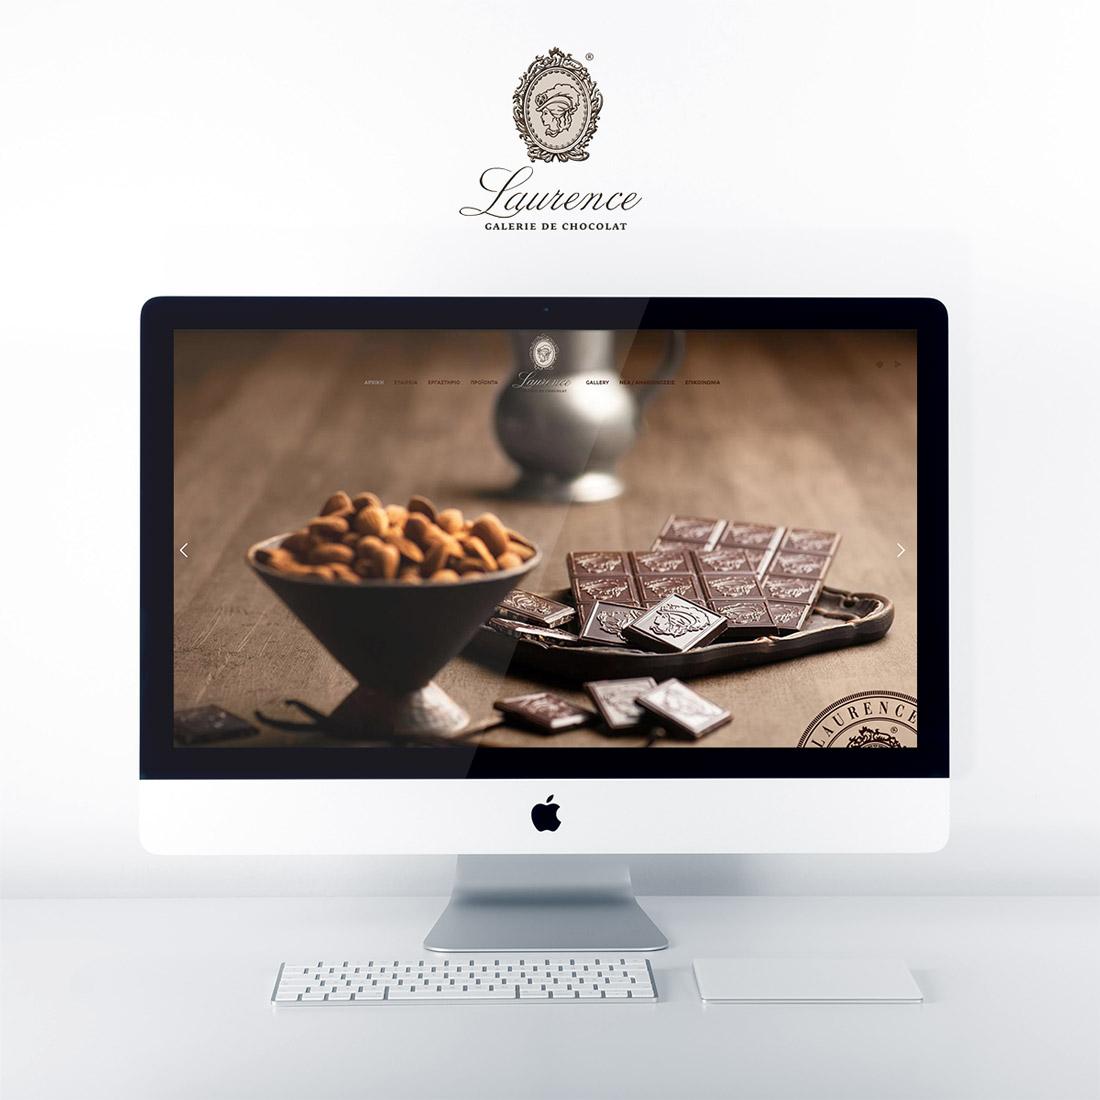 Κατασκευή Ιστοσελίδας για τη σοκολατοποιία Lawrence στην Θεσσαλονίκη.